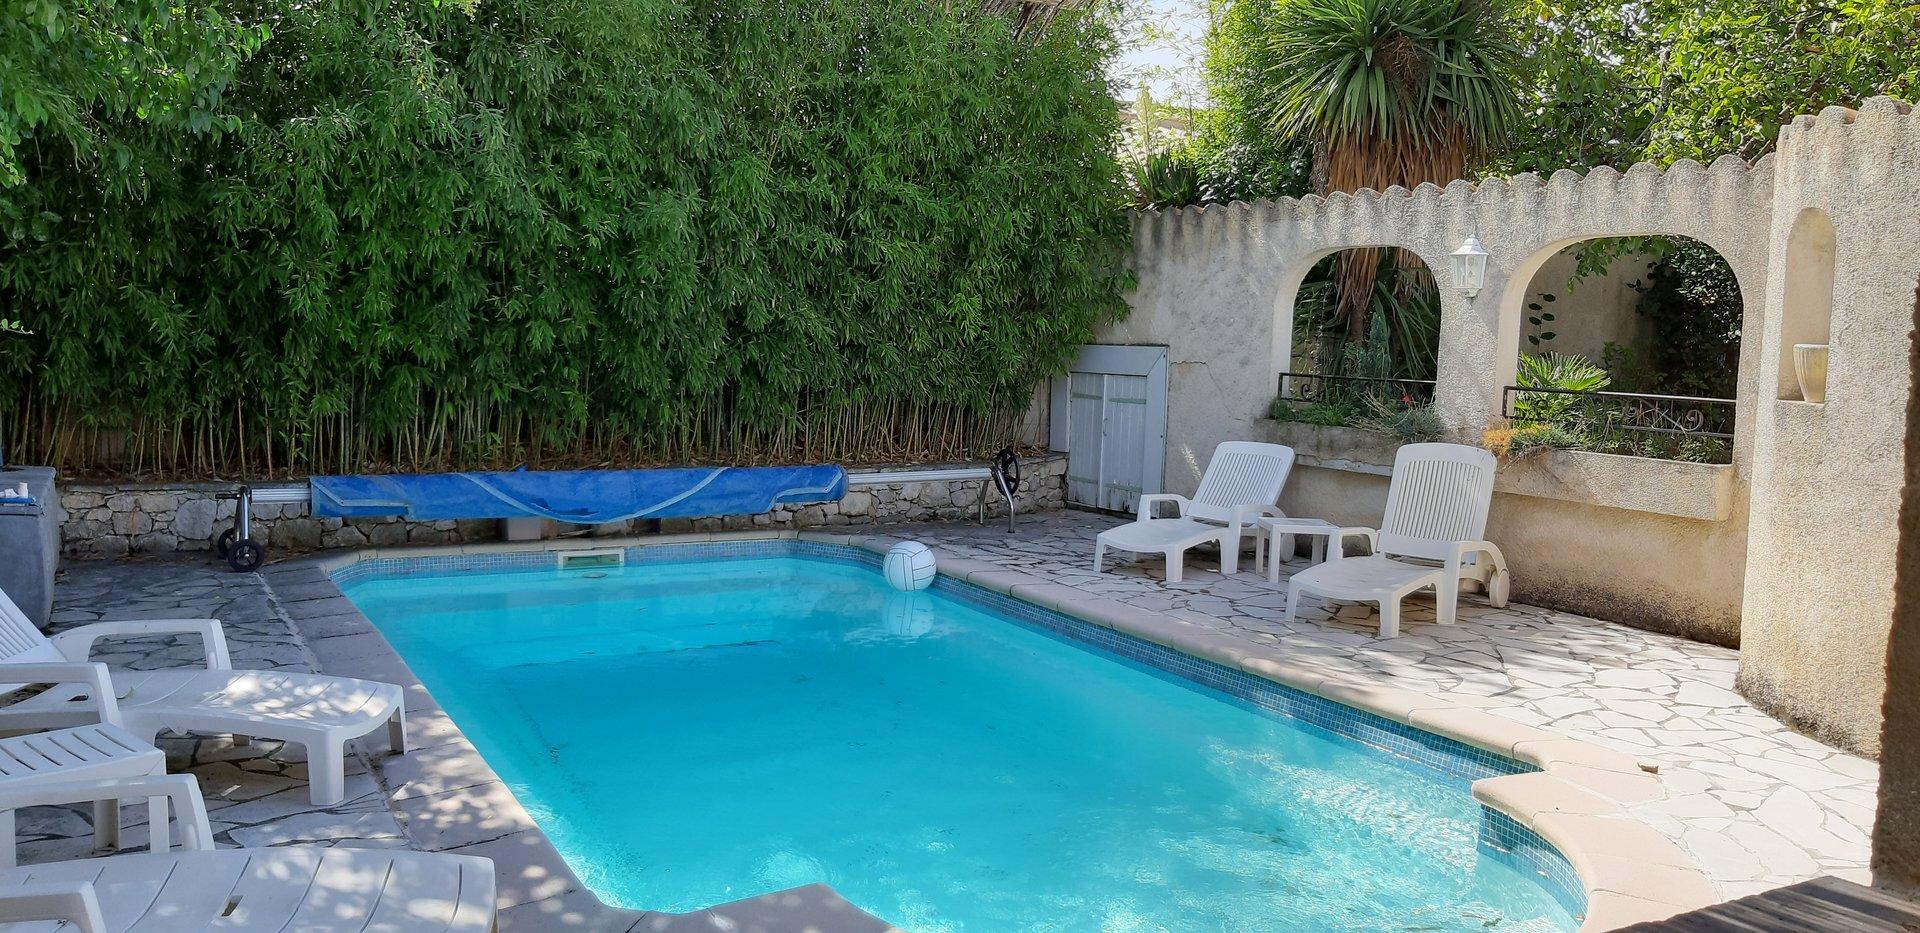 Villa 4 chambres avec piscine sécurisée